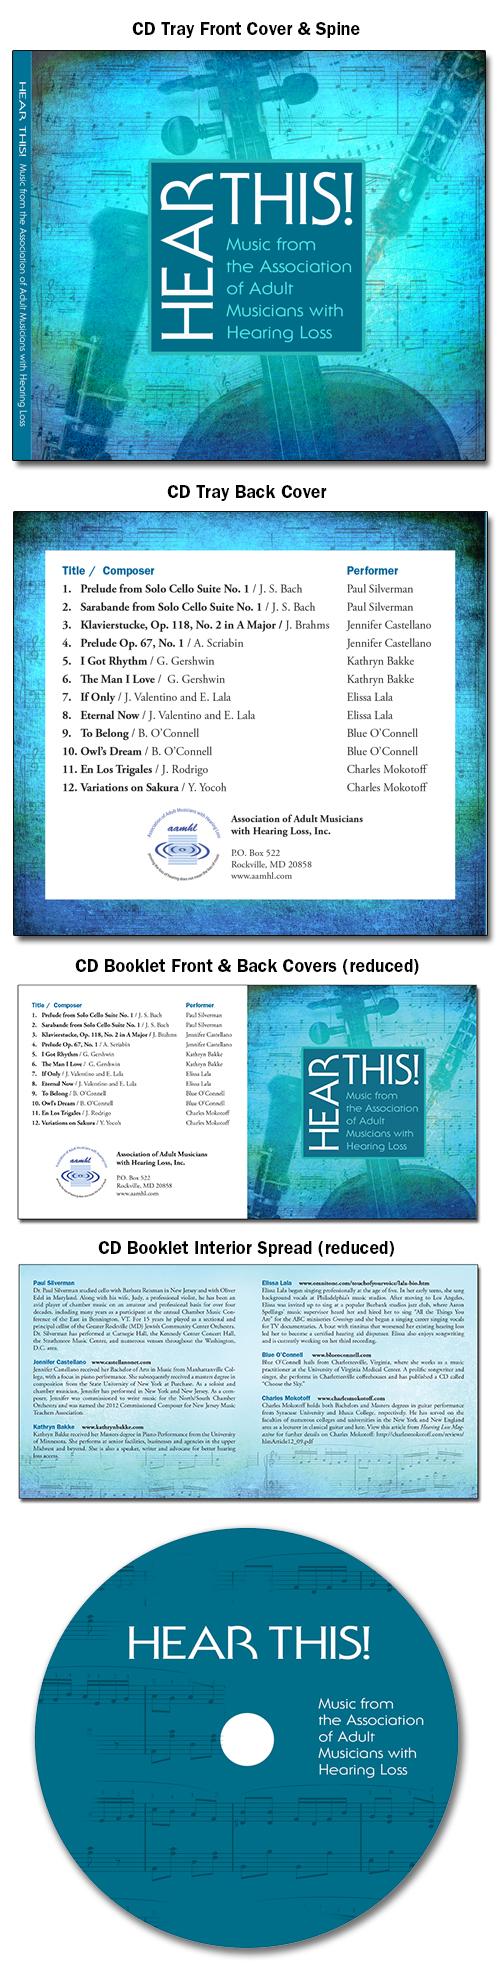 HearThis! CD Artwork Blog